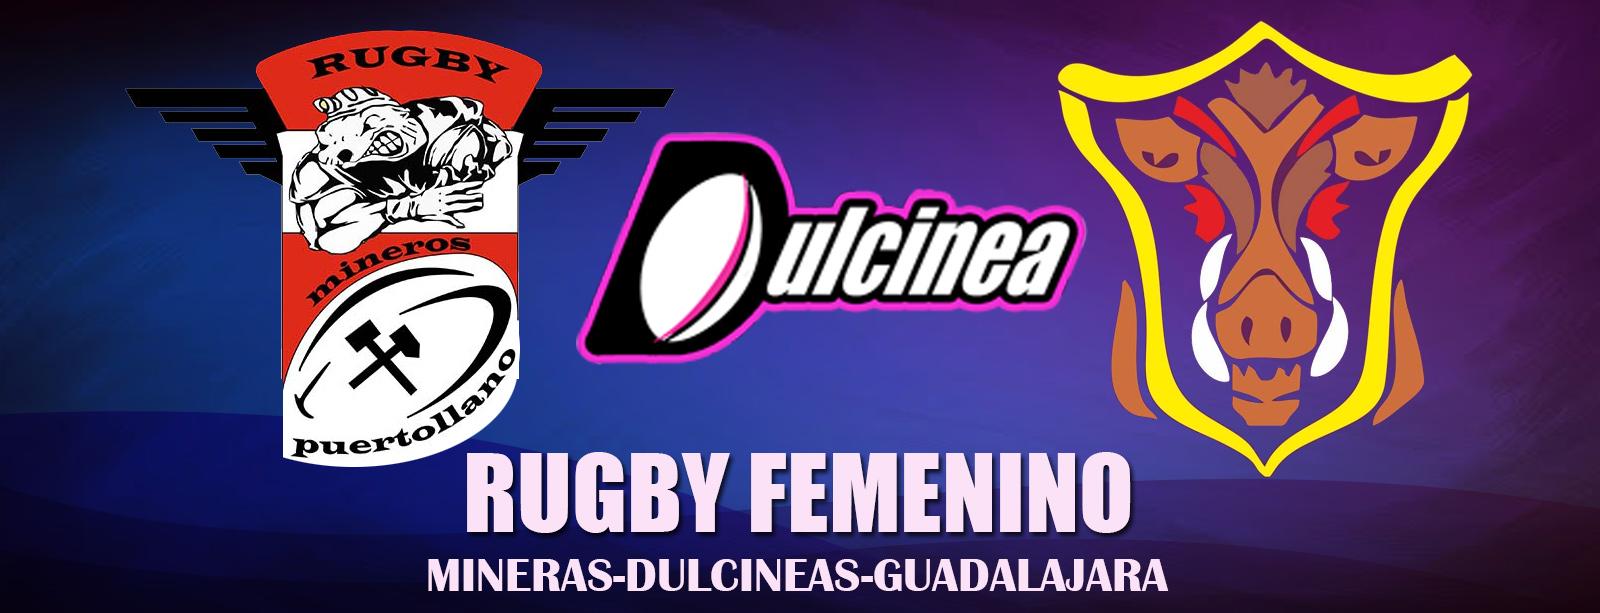 Gran encuentro de Rugby Femenino en Yuncos